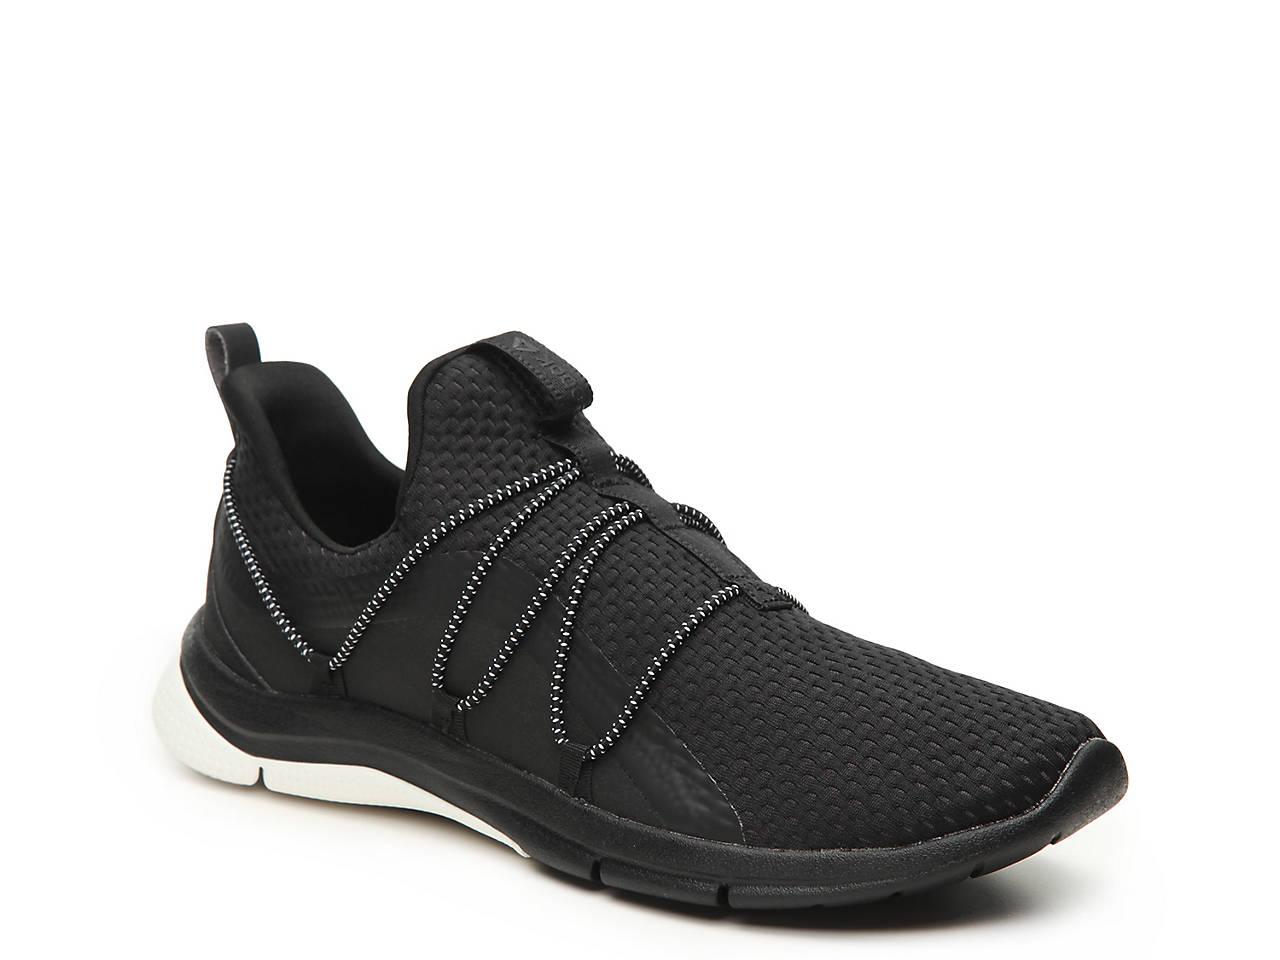 b71cb2ce880a Reebok Print HER 3.0 Lightweight Slip-On Running Shoe - Women s ...